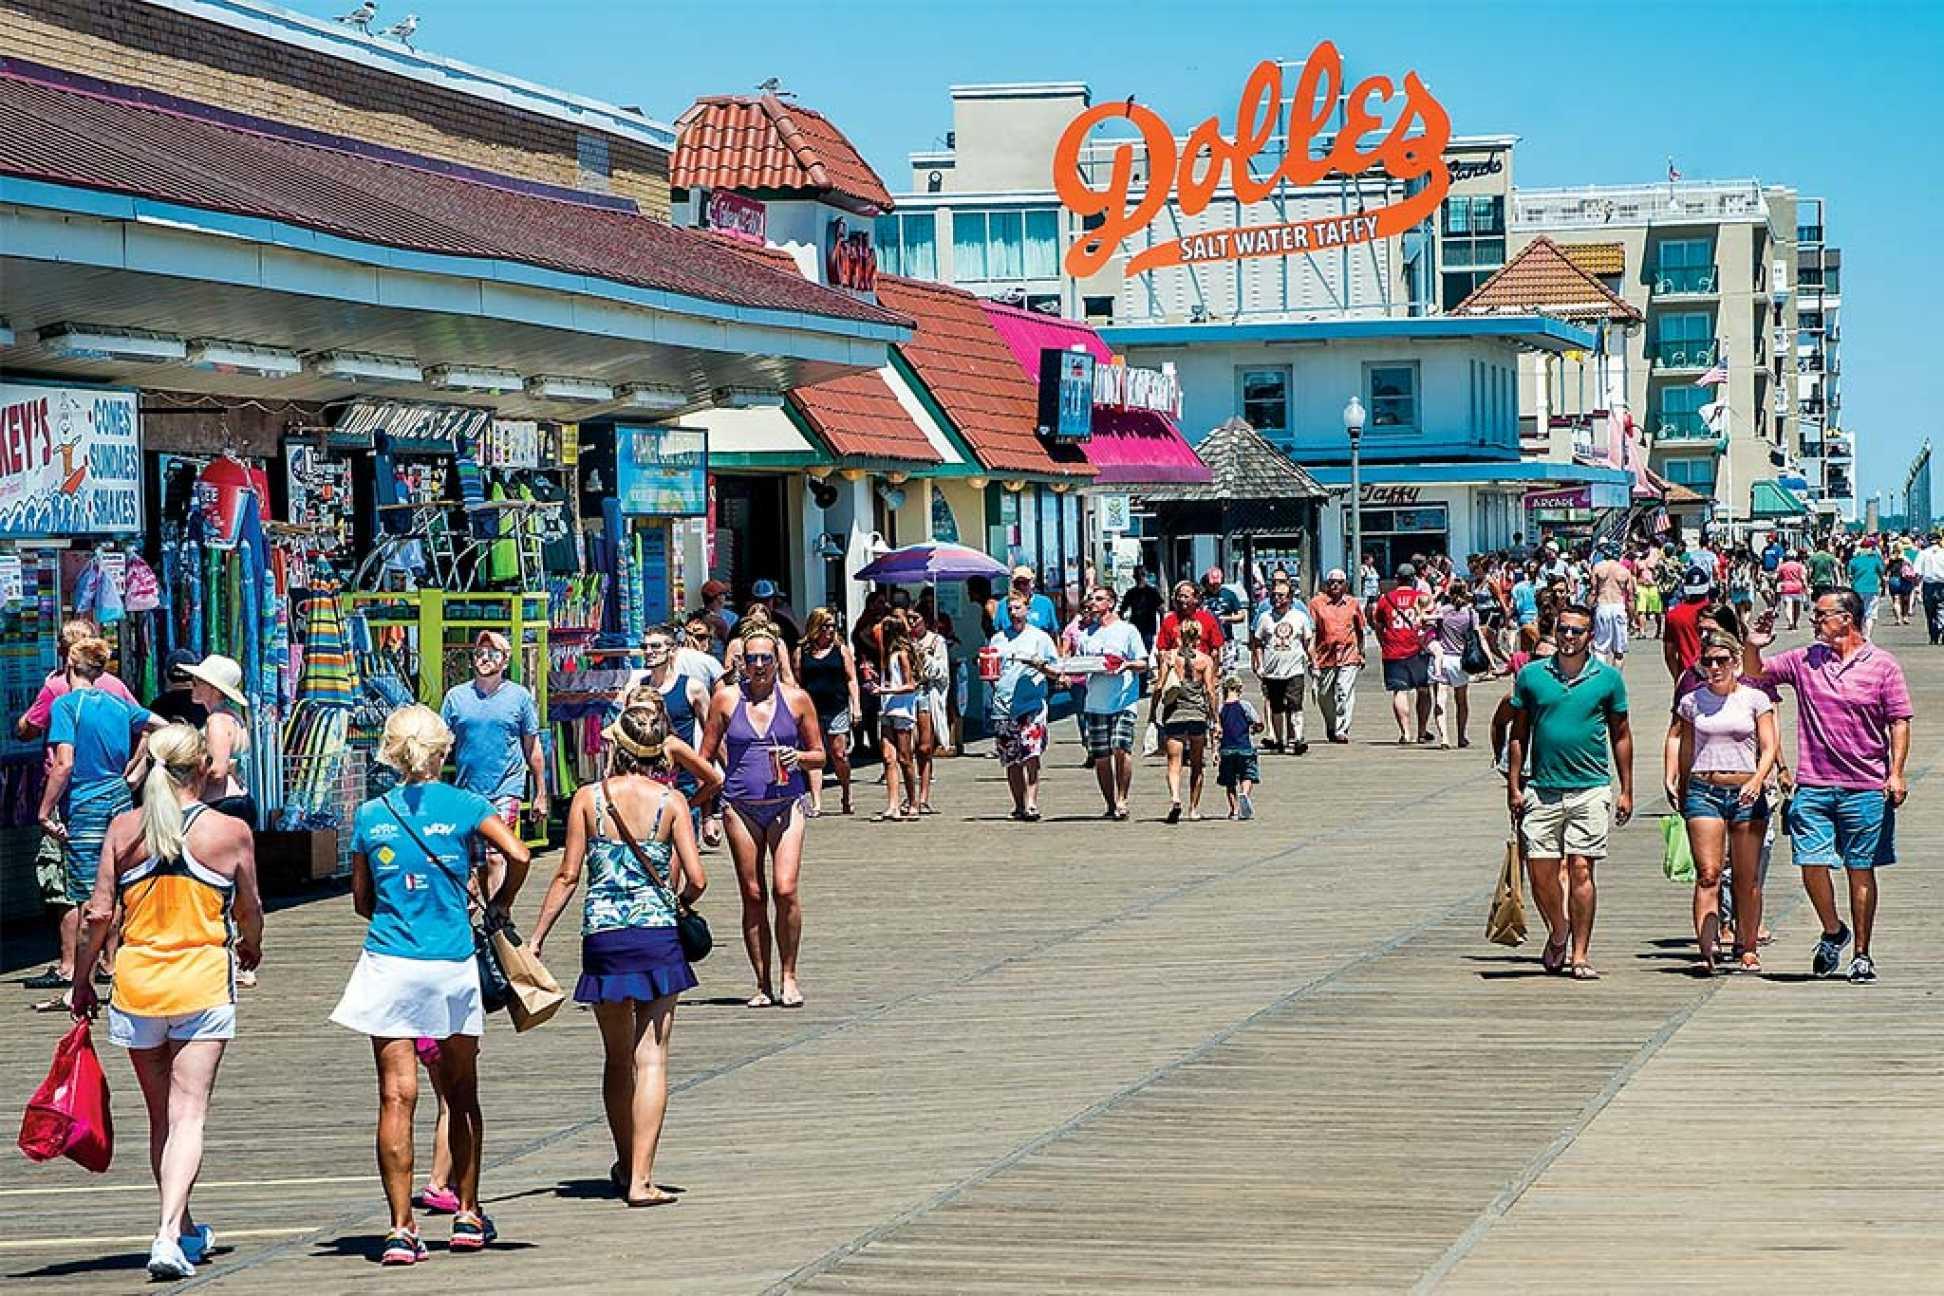 Boardwalks in Delaware